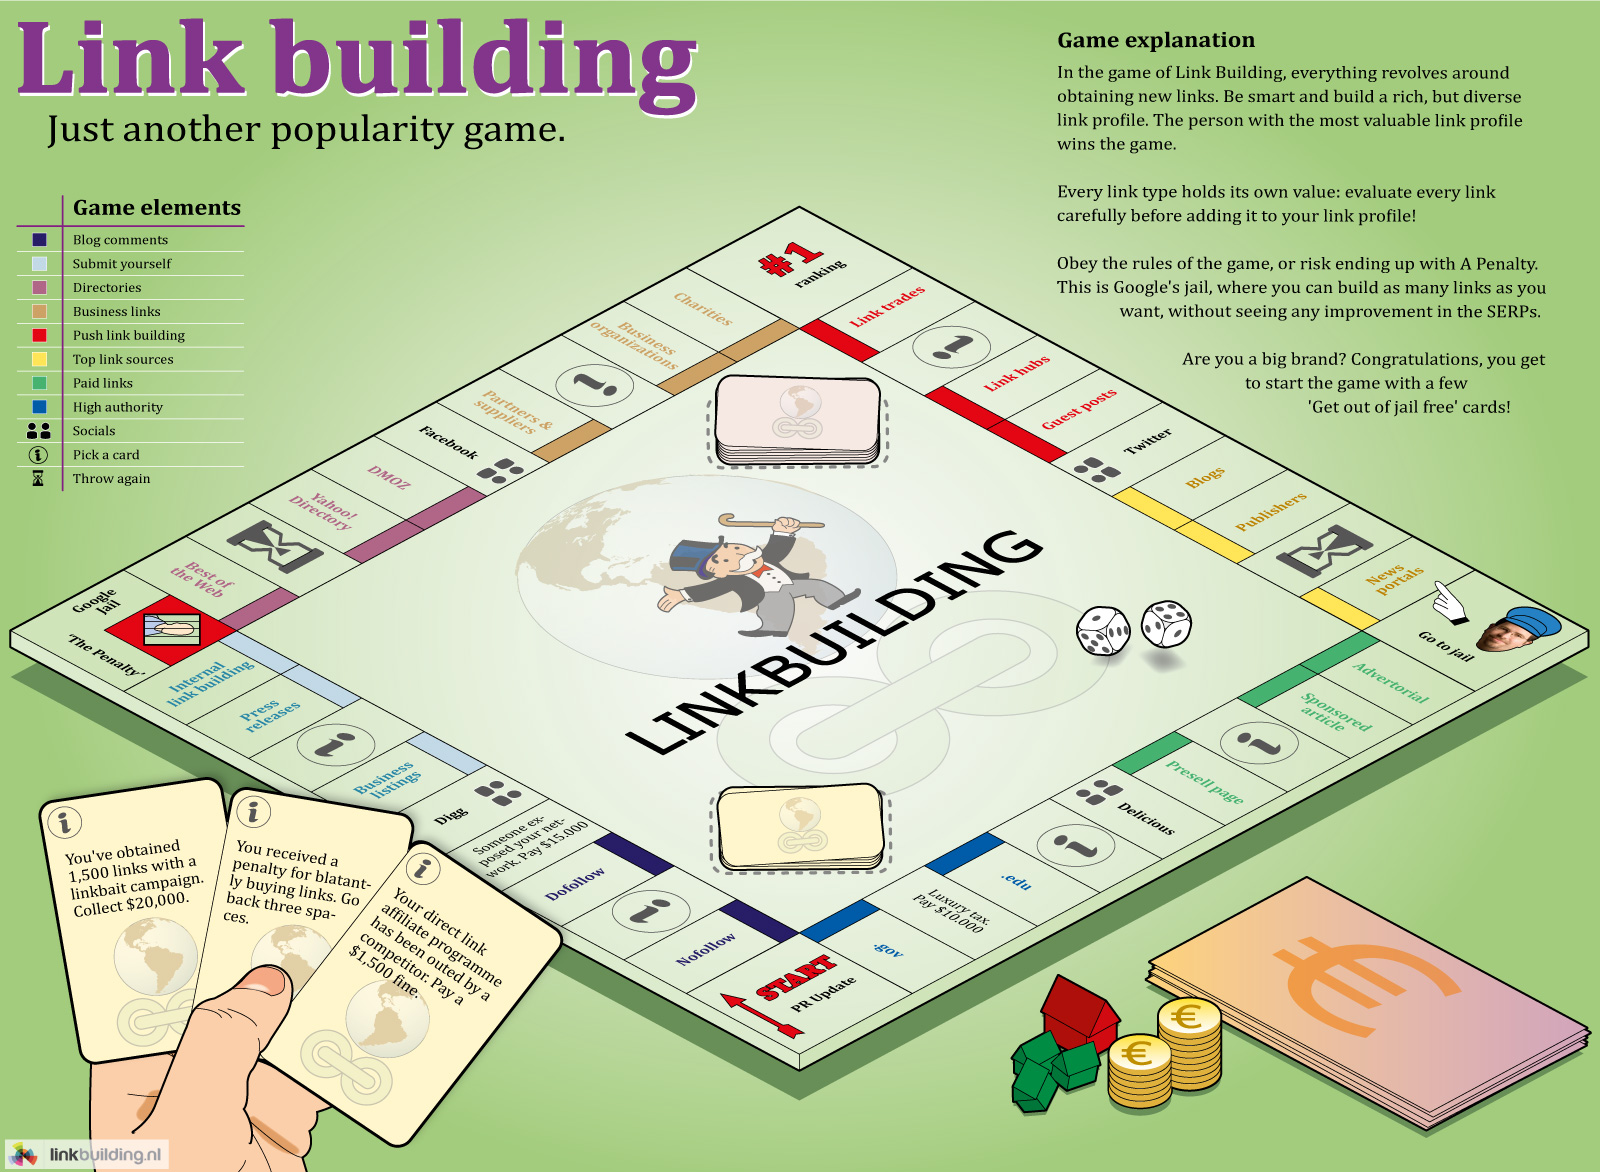 link-building-monopoly.jpg